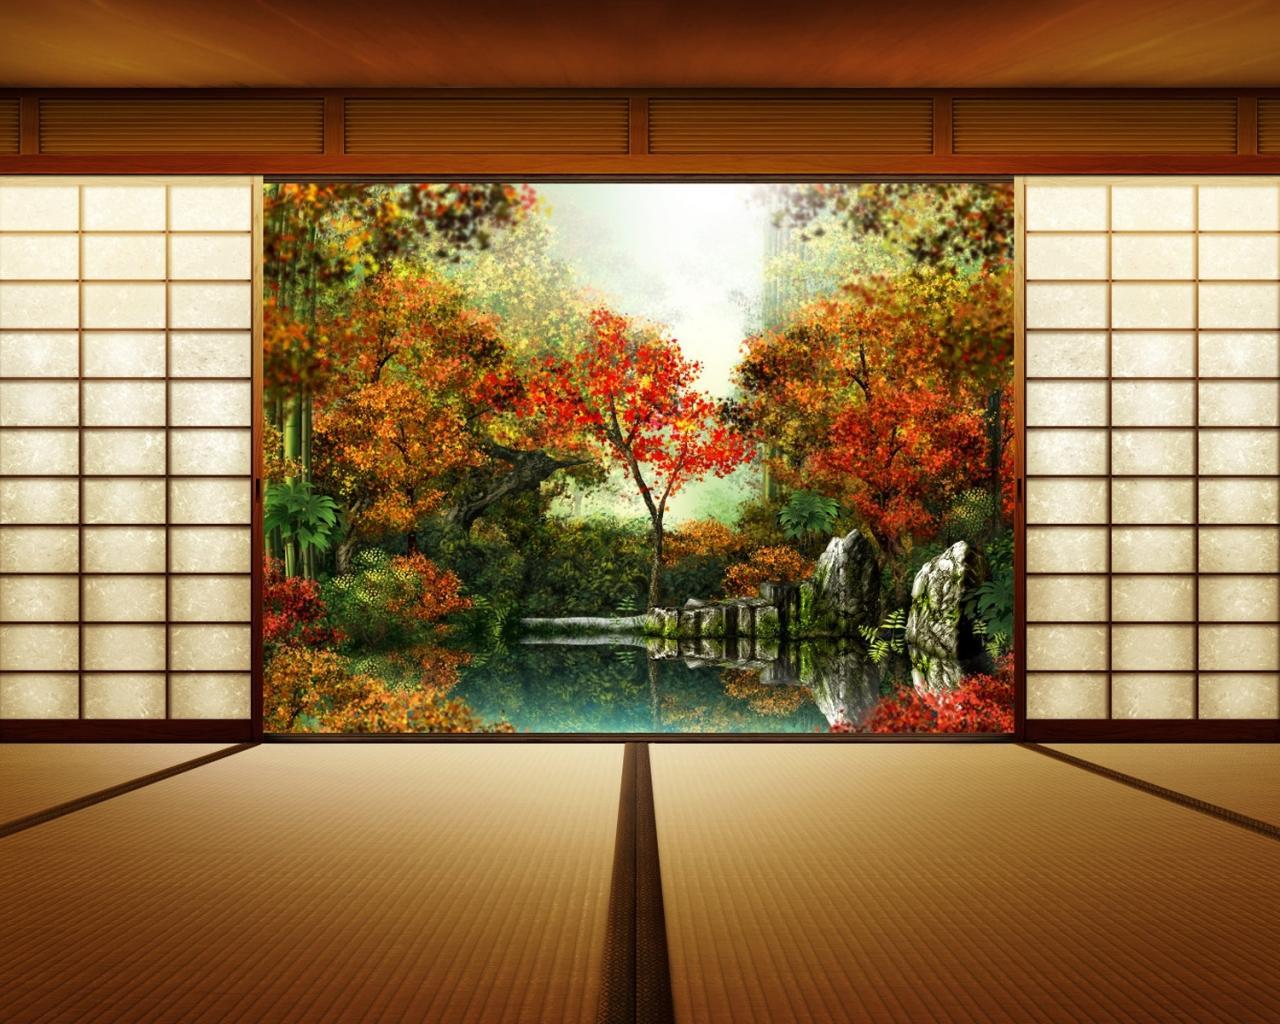 фотообои вид из окна: